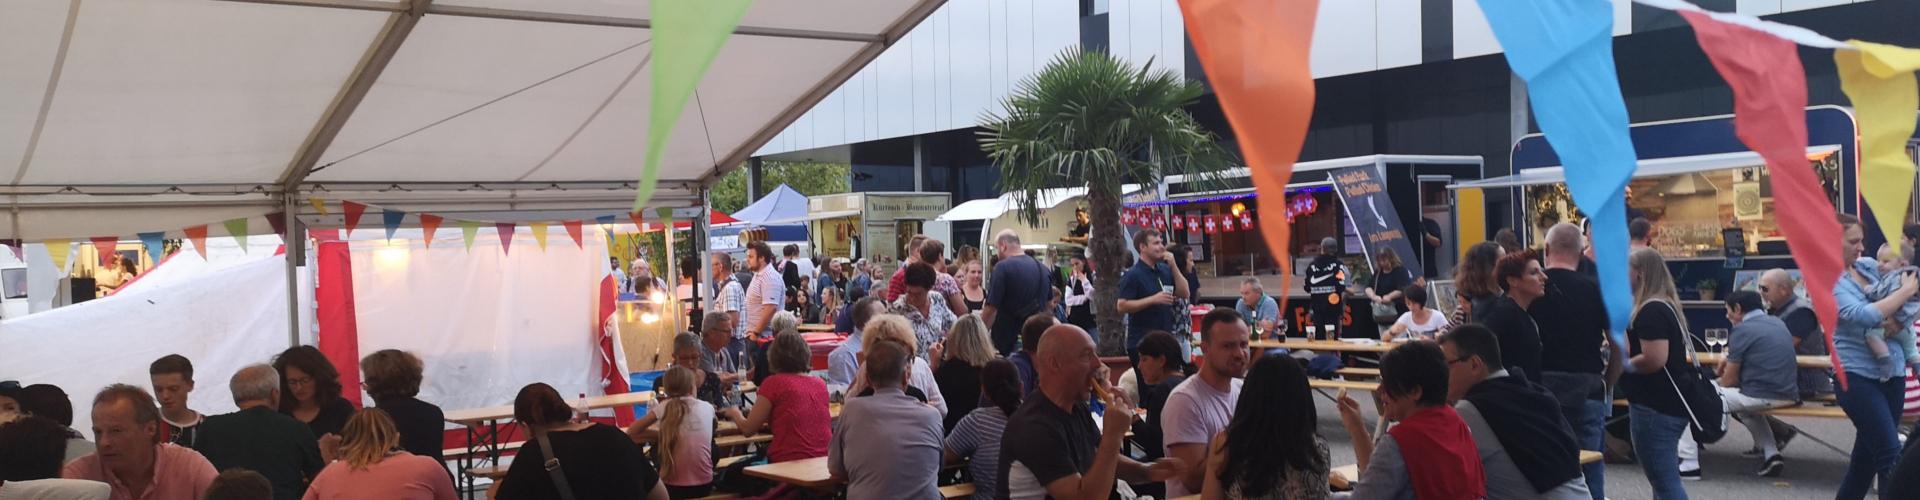 Das Foodtruck Happening findet in verschiedenen Ecken der Schweiz statt.